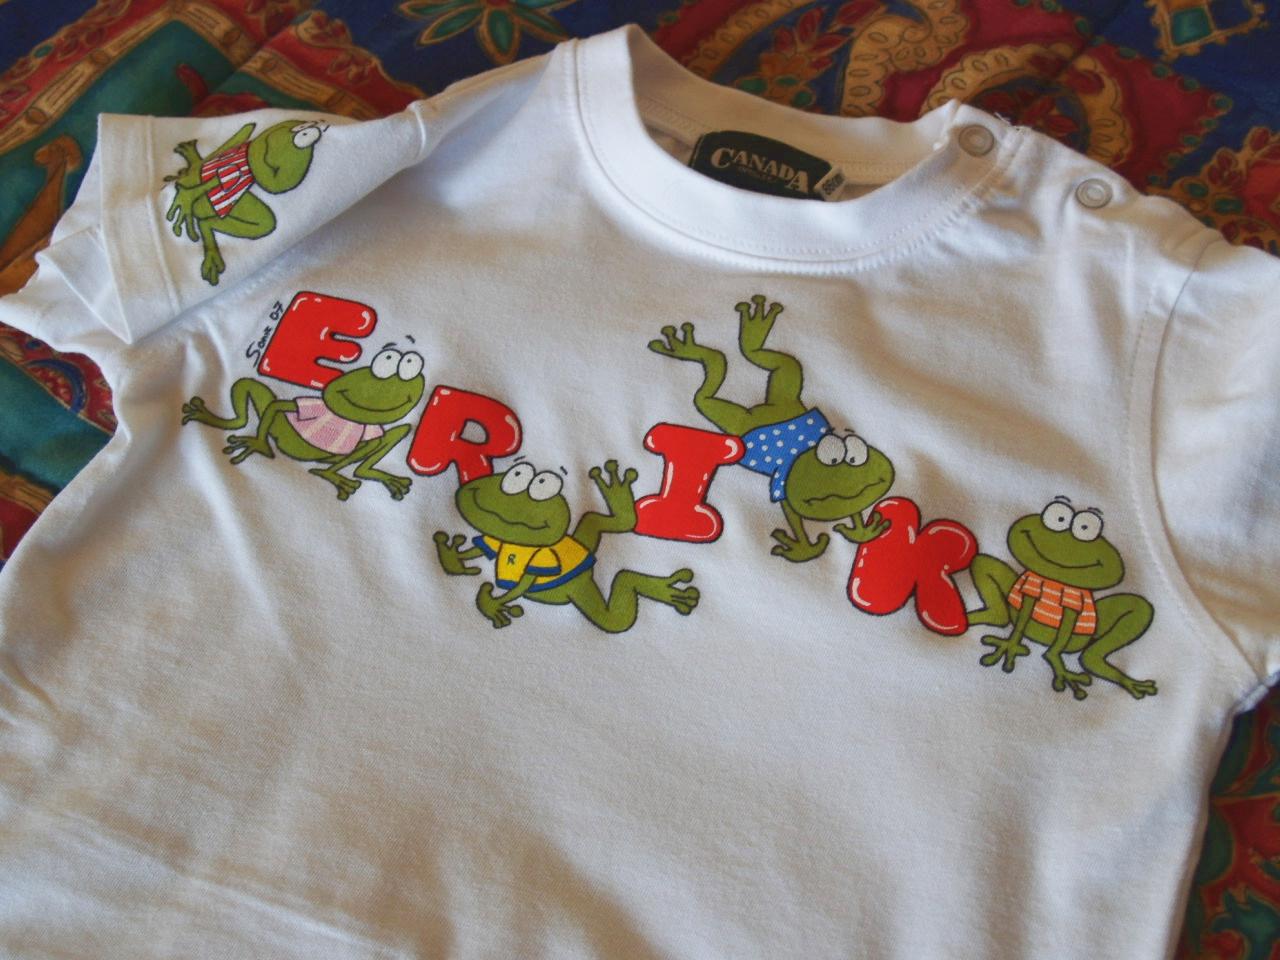 La calle de la abuela las camisetas son para el verano - Pinturas para pintar camisetas ...